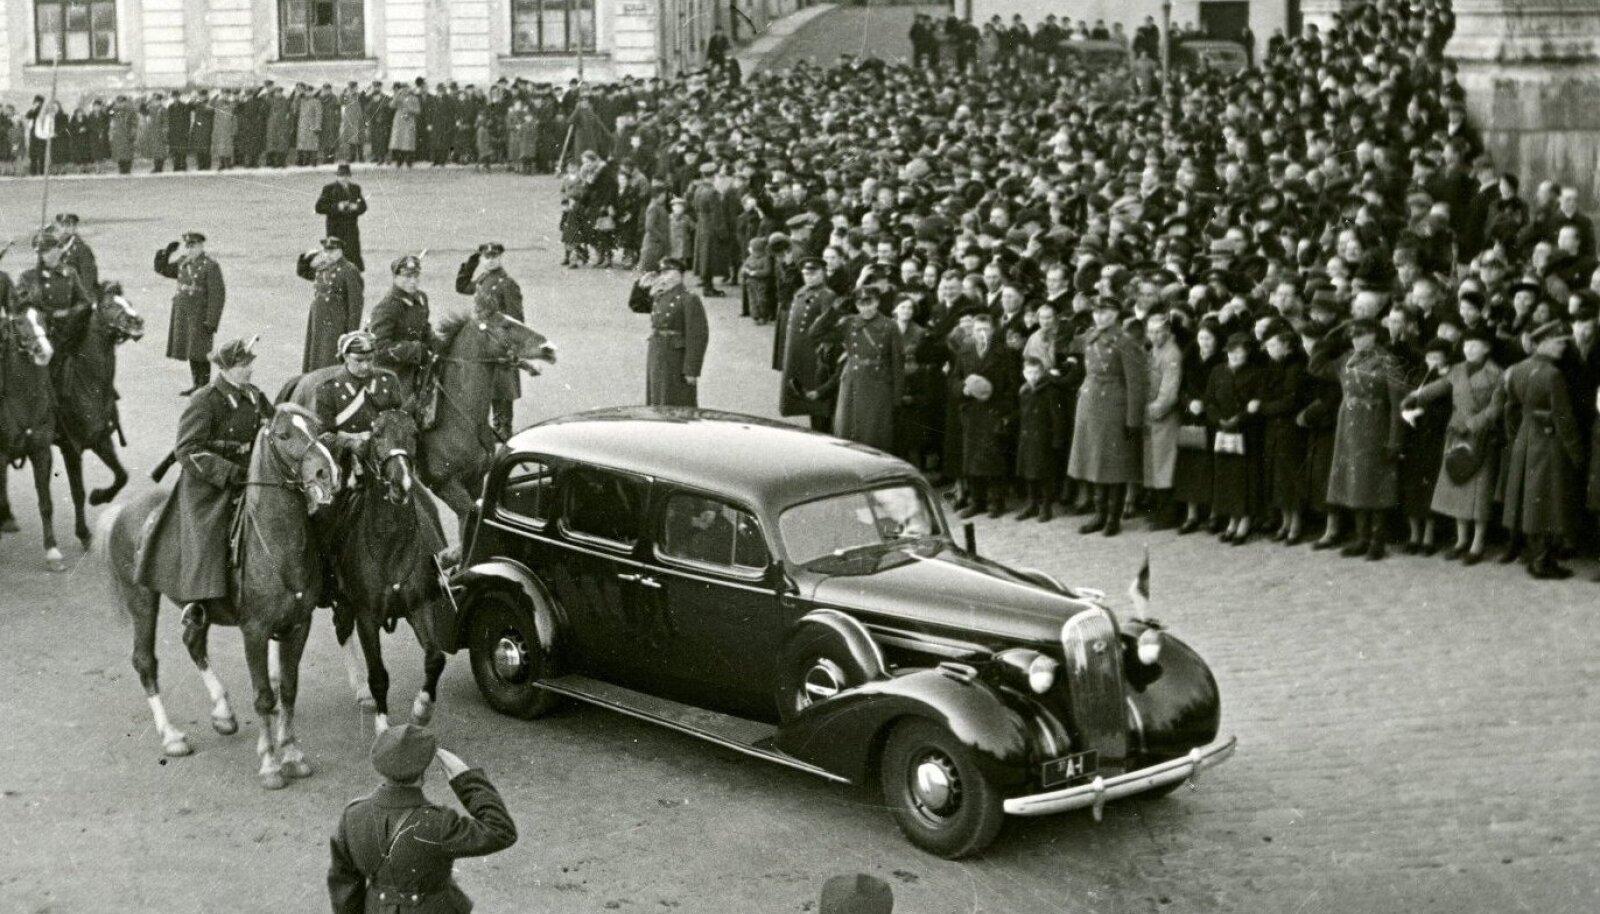 ТОРЖЕСТВЕННЫЙ МОМЕНТ: Только что избранный президент Константин Пятс покидает замок Тоомпеа, чтобы отправиться в Кадриоргский дворец.